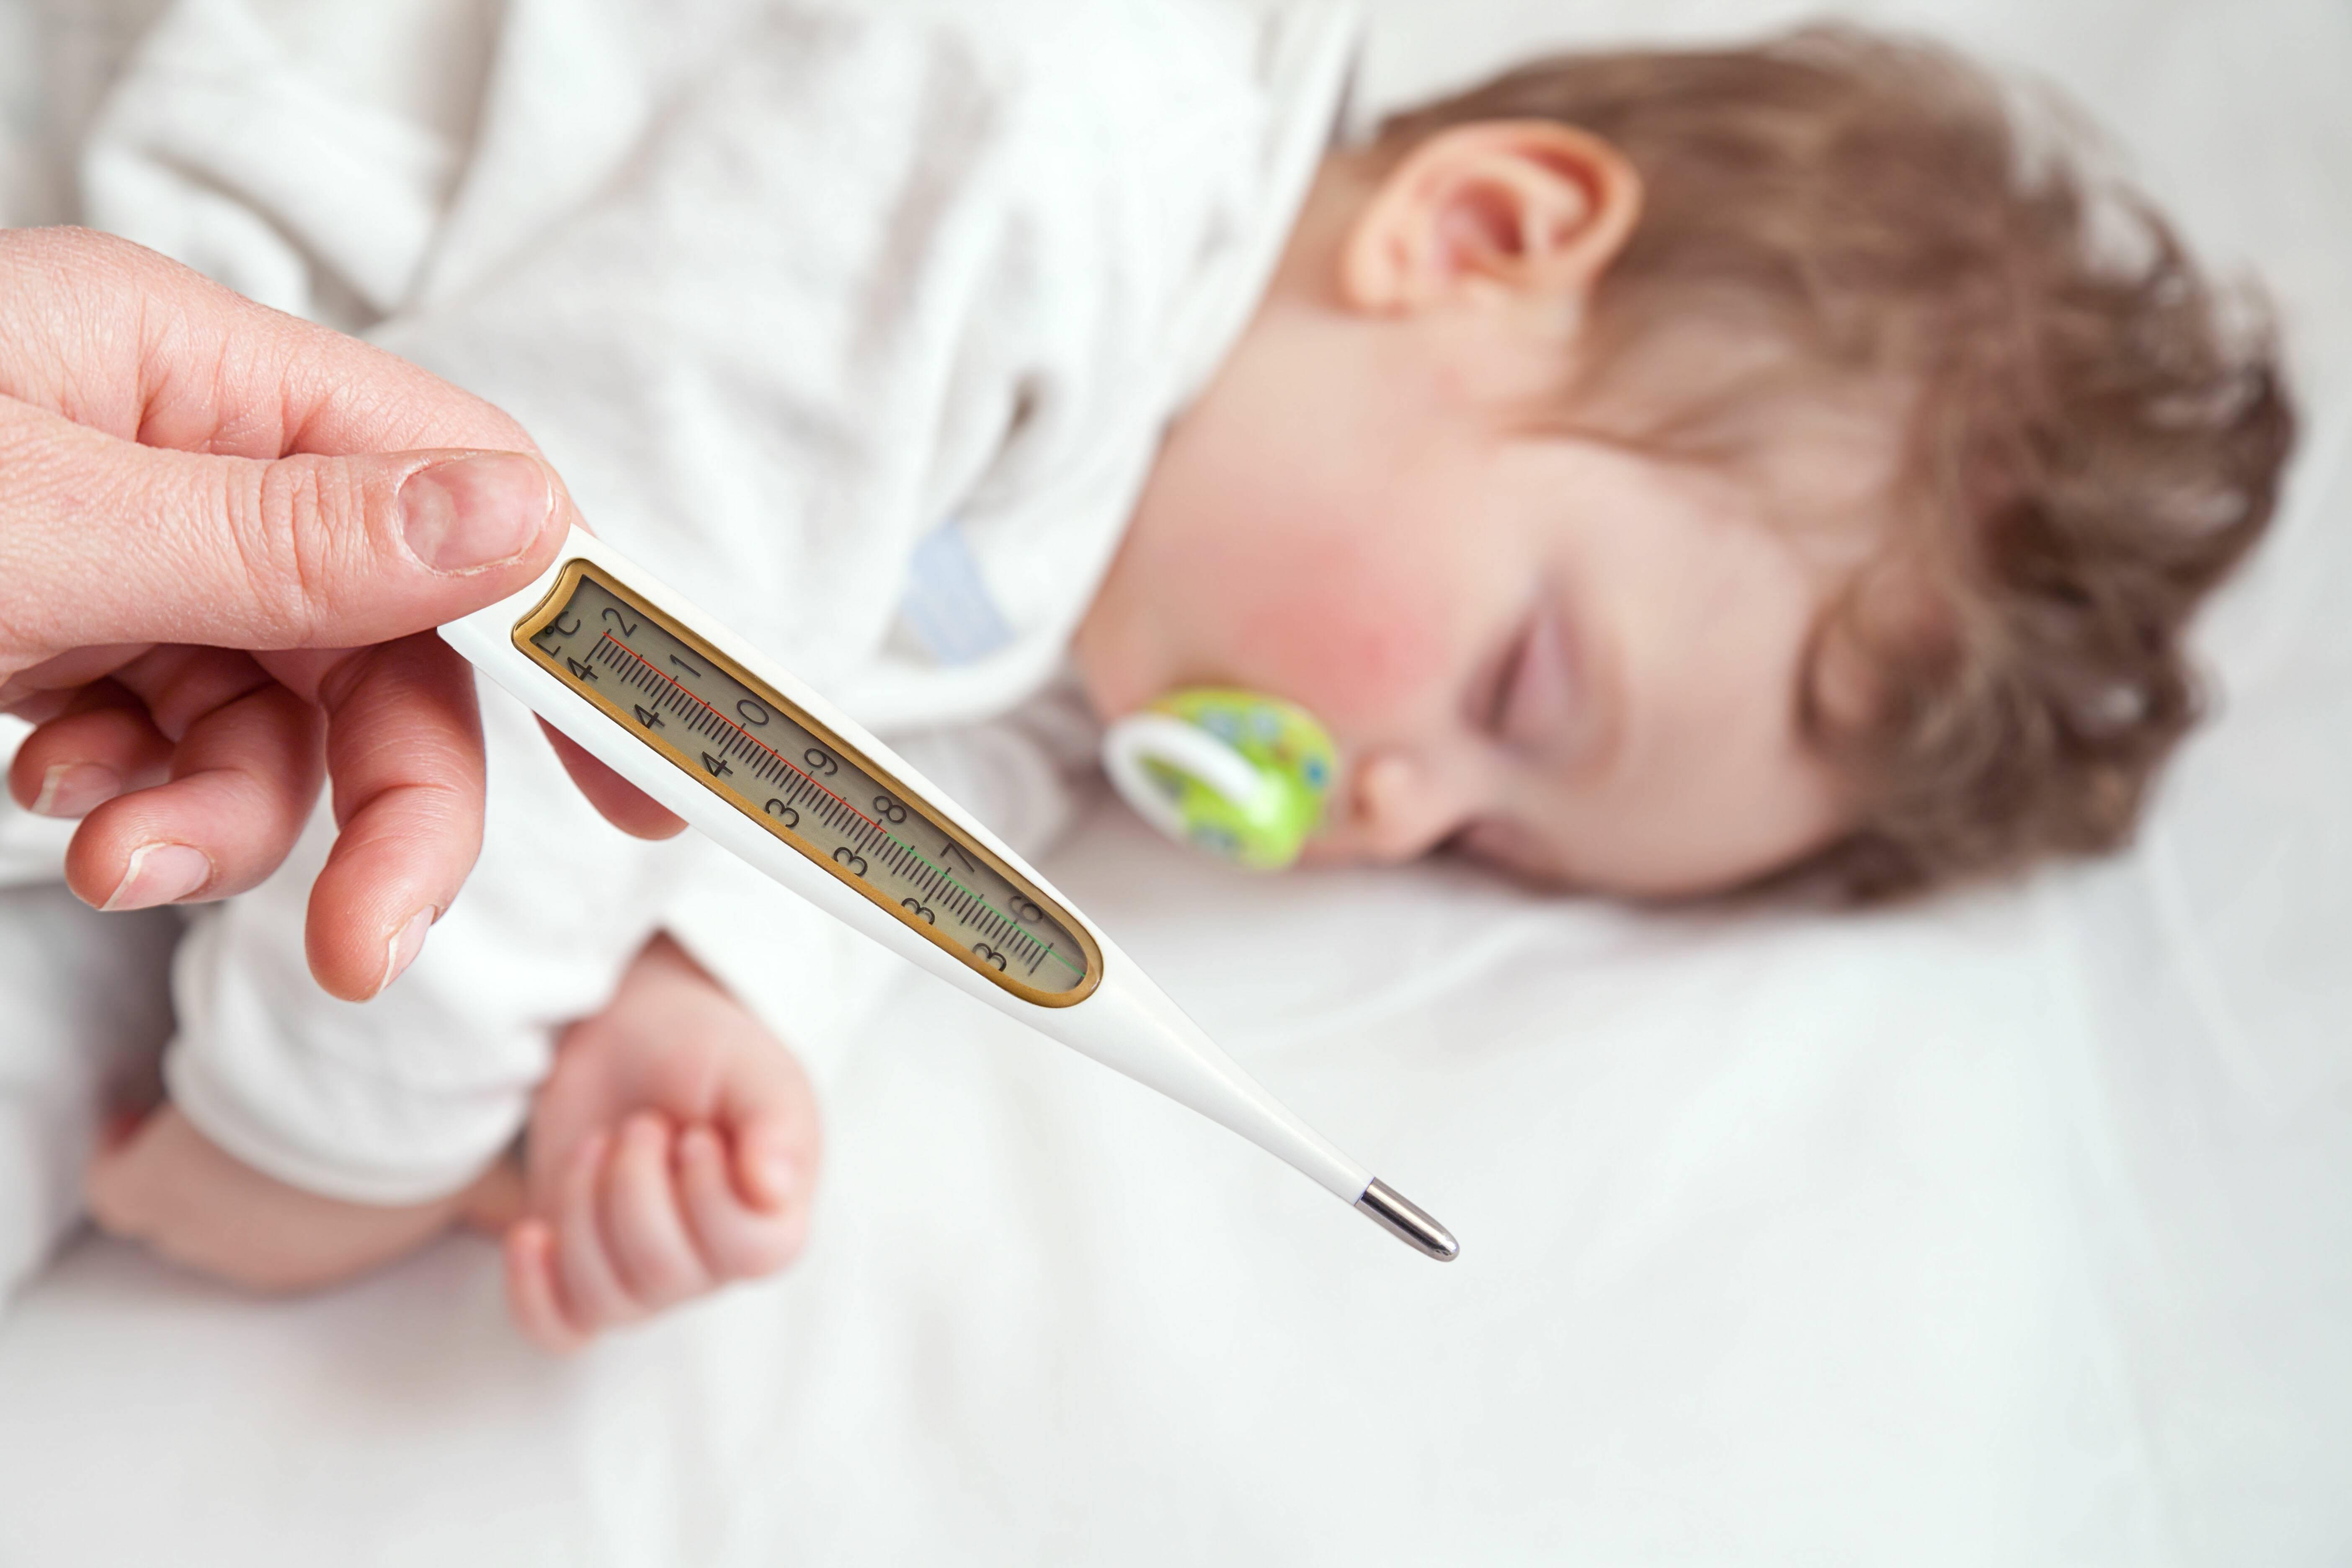 Температура у малыша в 6 месяцев - нужно ли сбивать и как